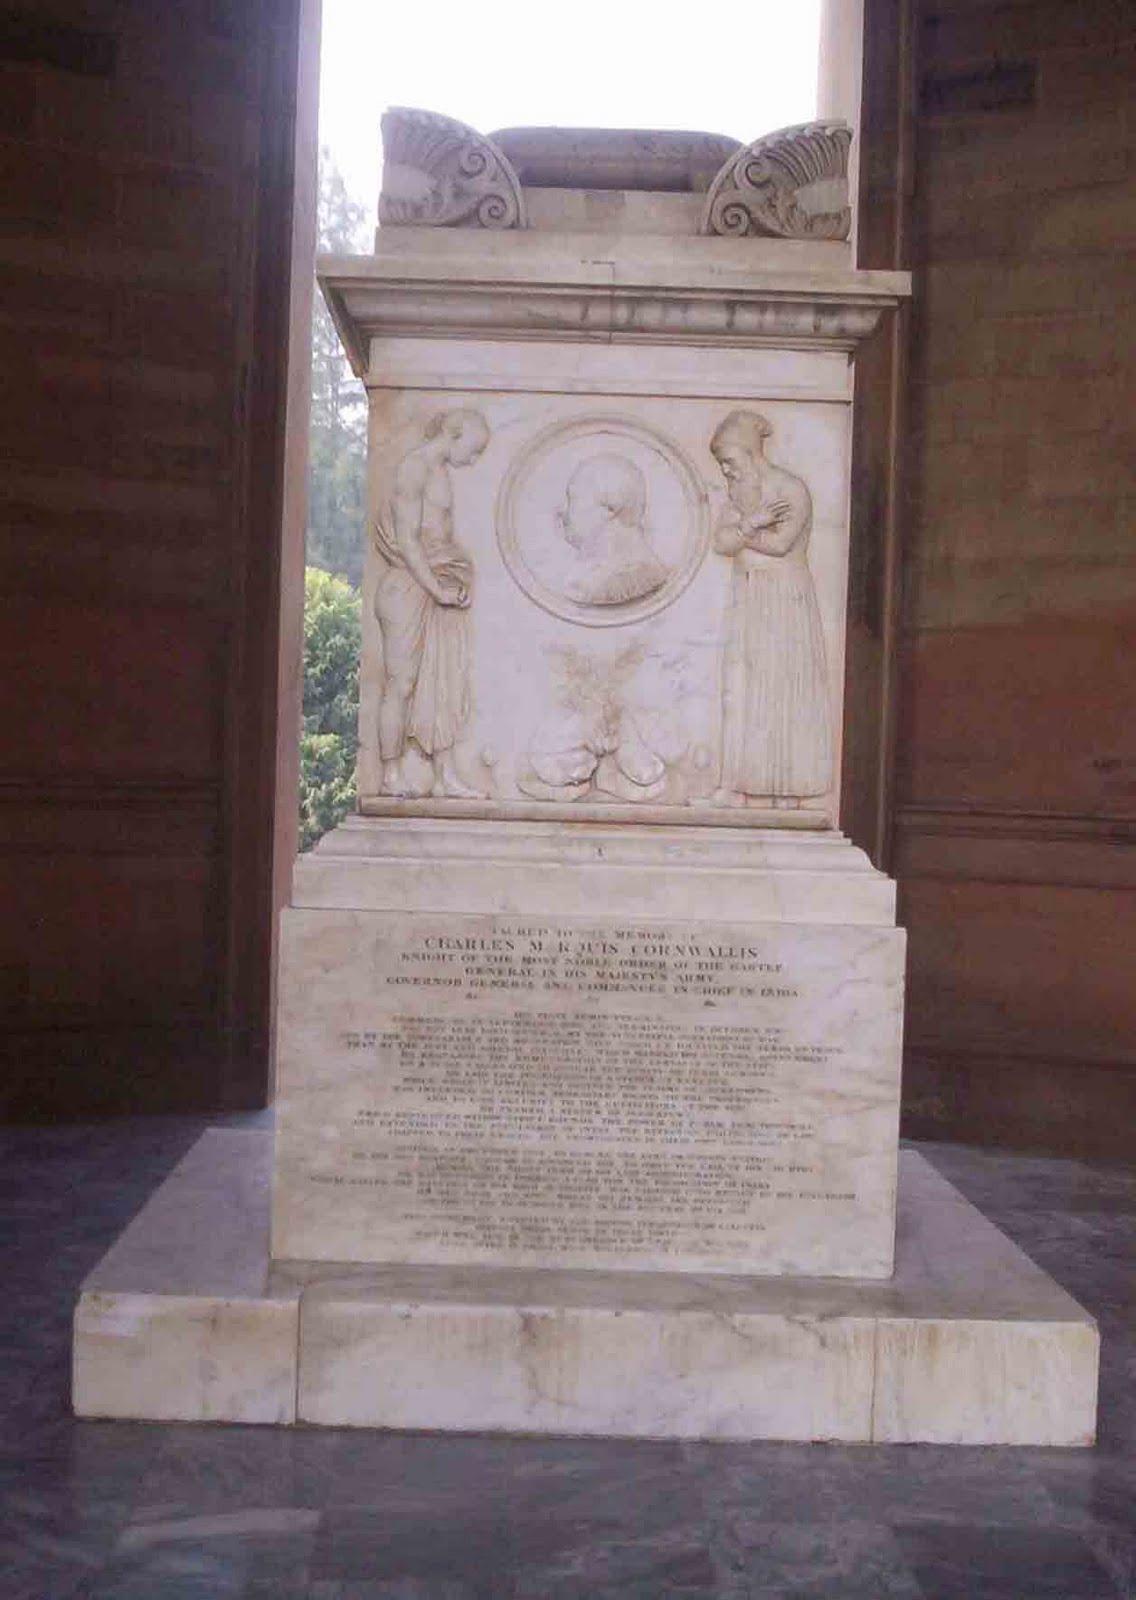 Ghazipurwala Obaid Ghazipur Tomb Lord Cornwallis